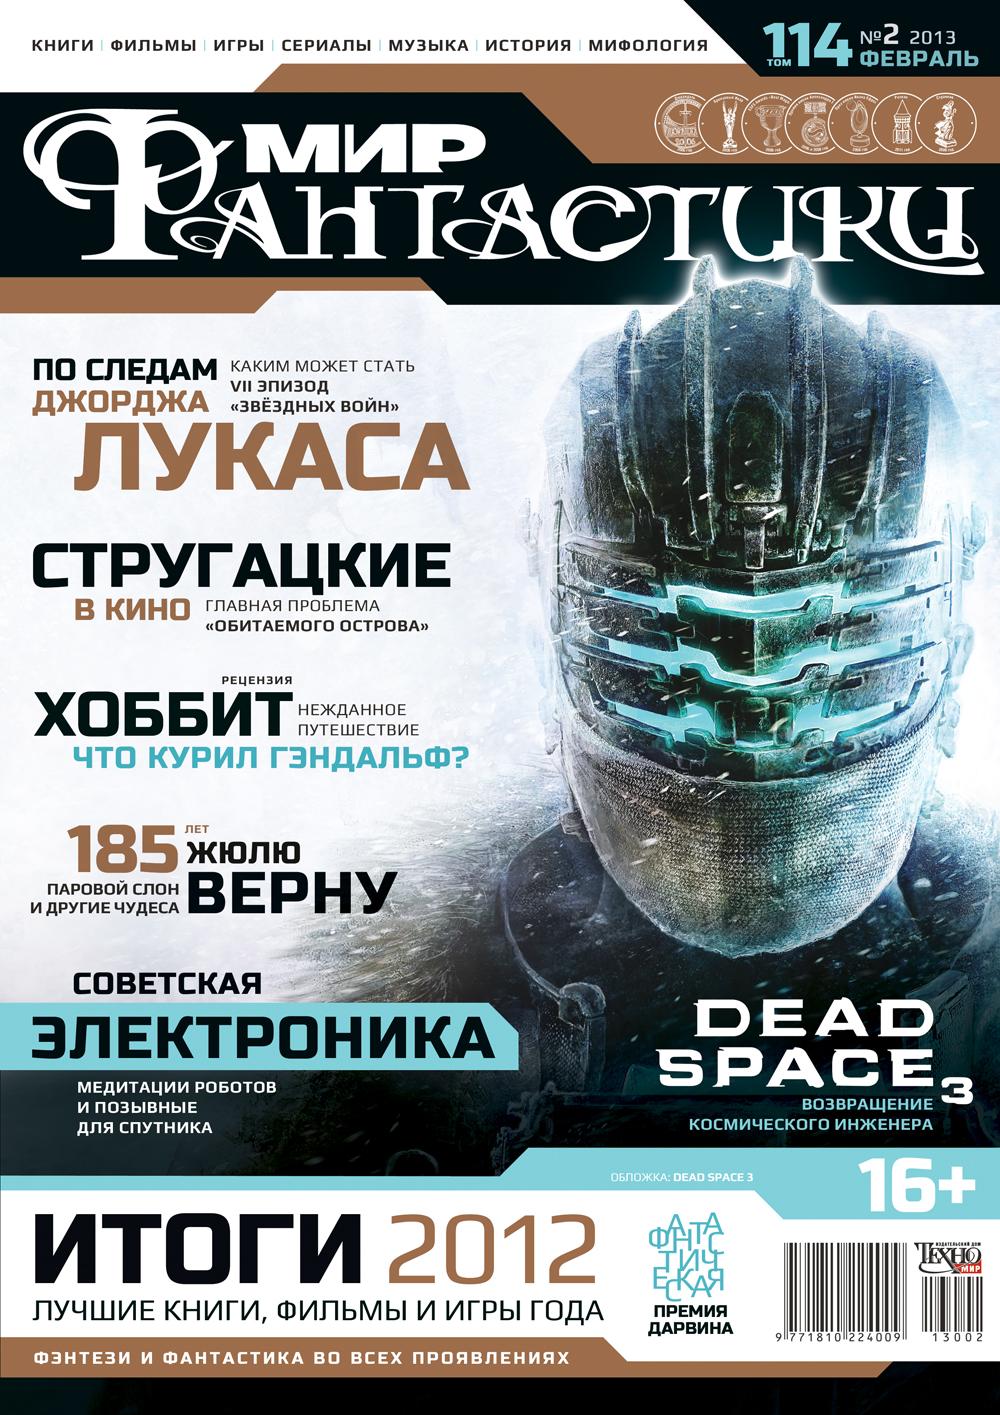 Архив номеров журнала «Мир фантастики» 130